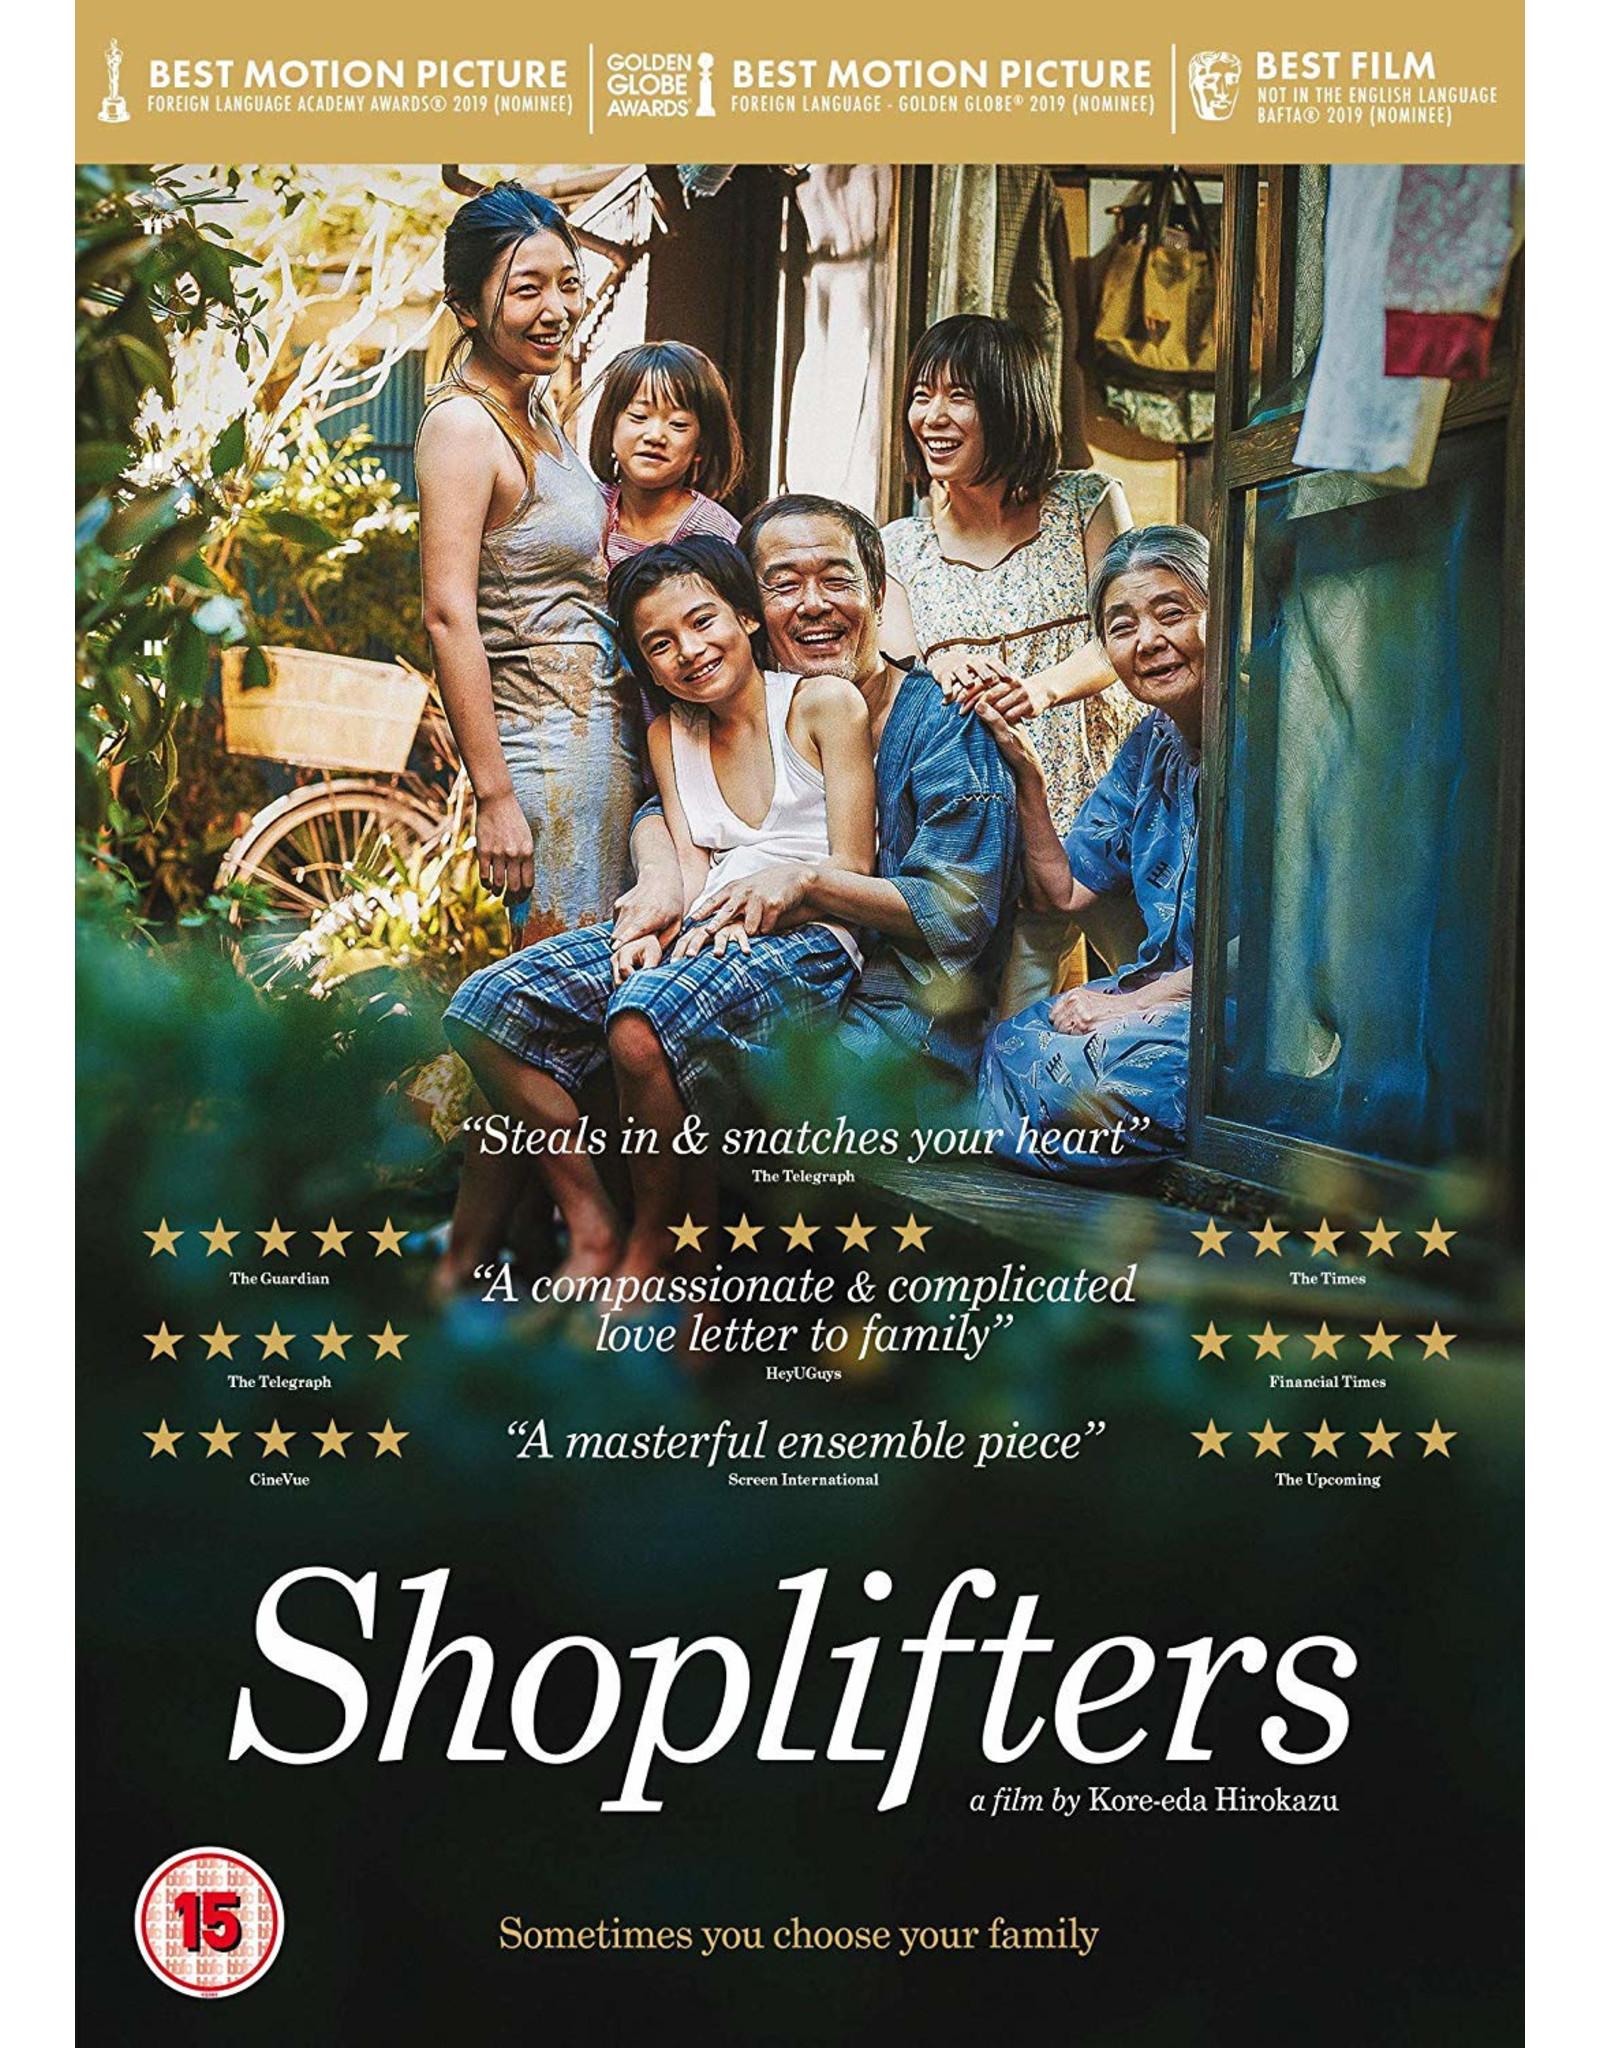 Shoplifters (DVD) - (Engelstalige ondertitels)